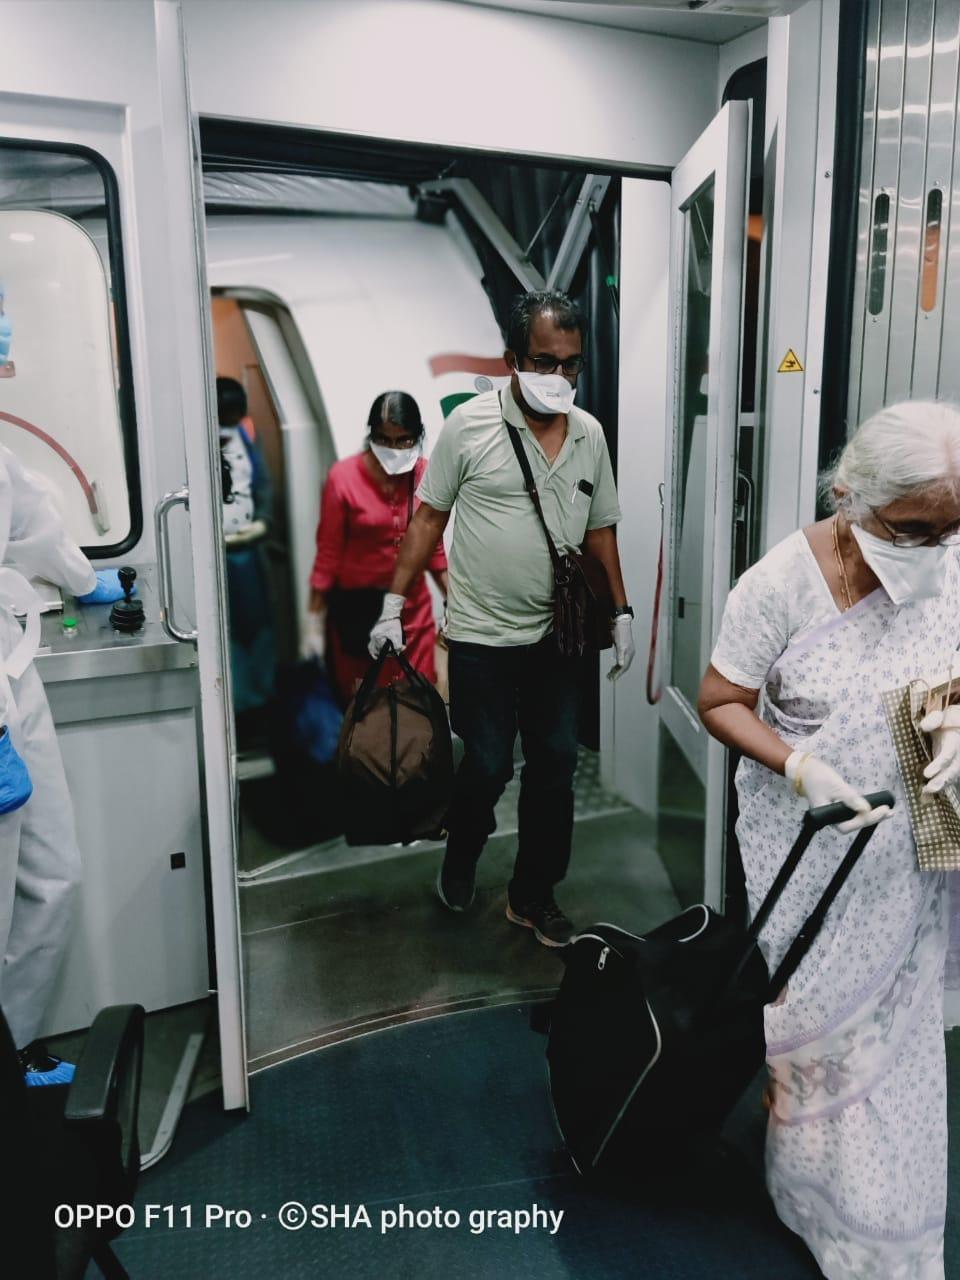 కౌలాలంపూర్ నుంచి వచ్చిన ప్రయాణికులు